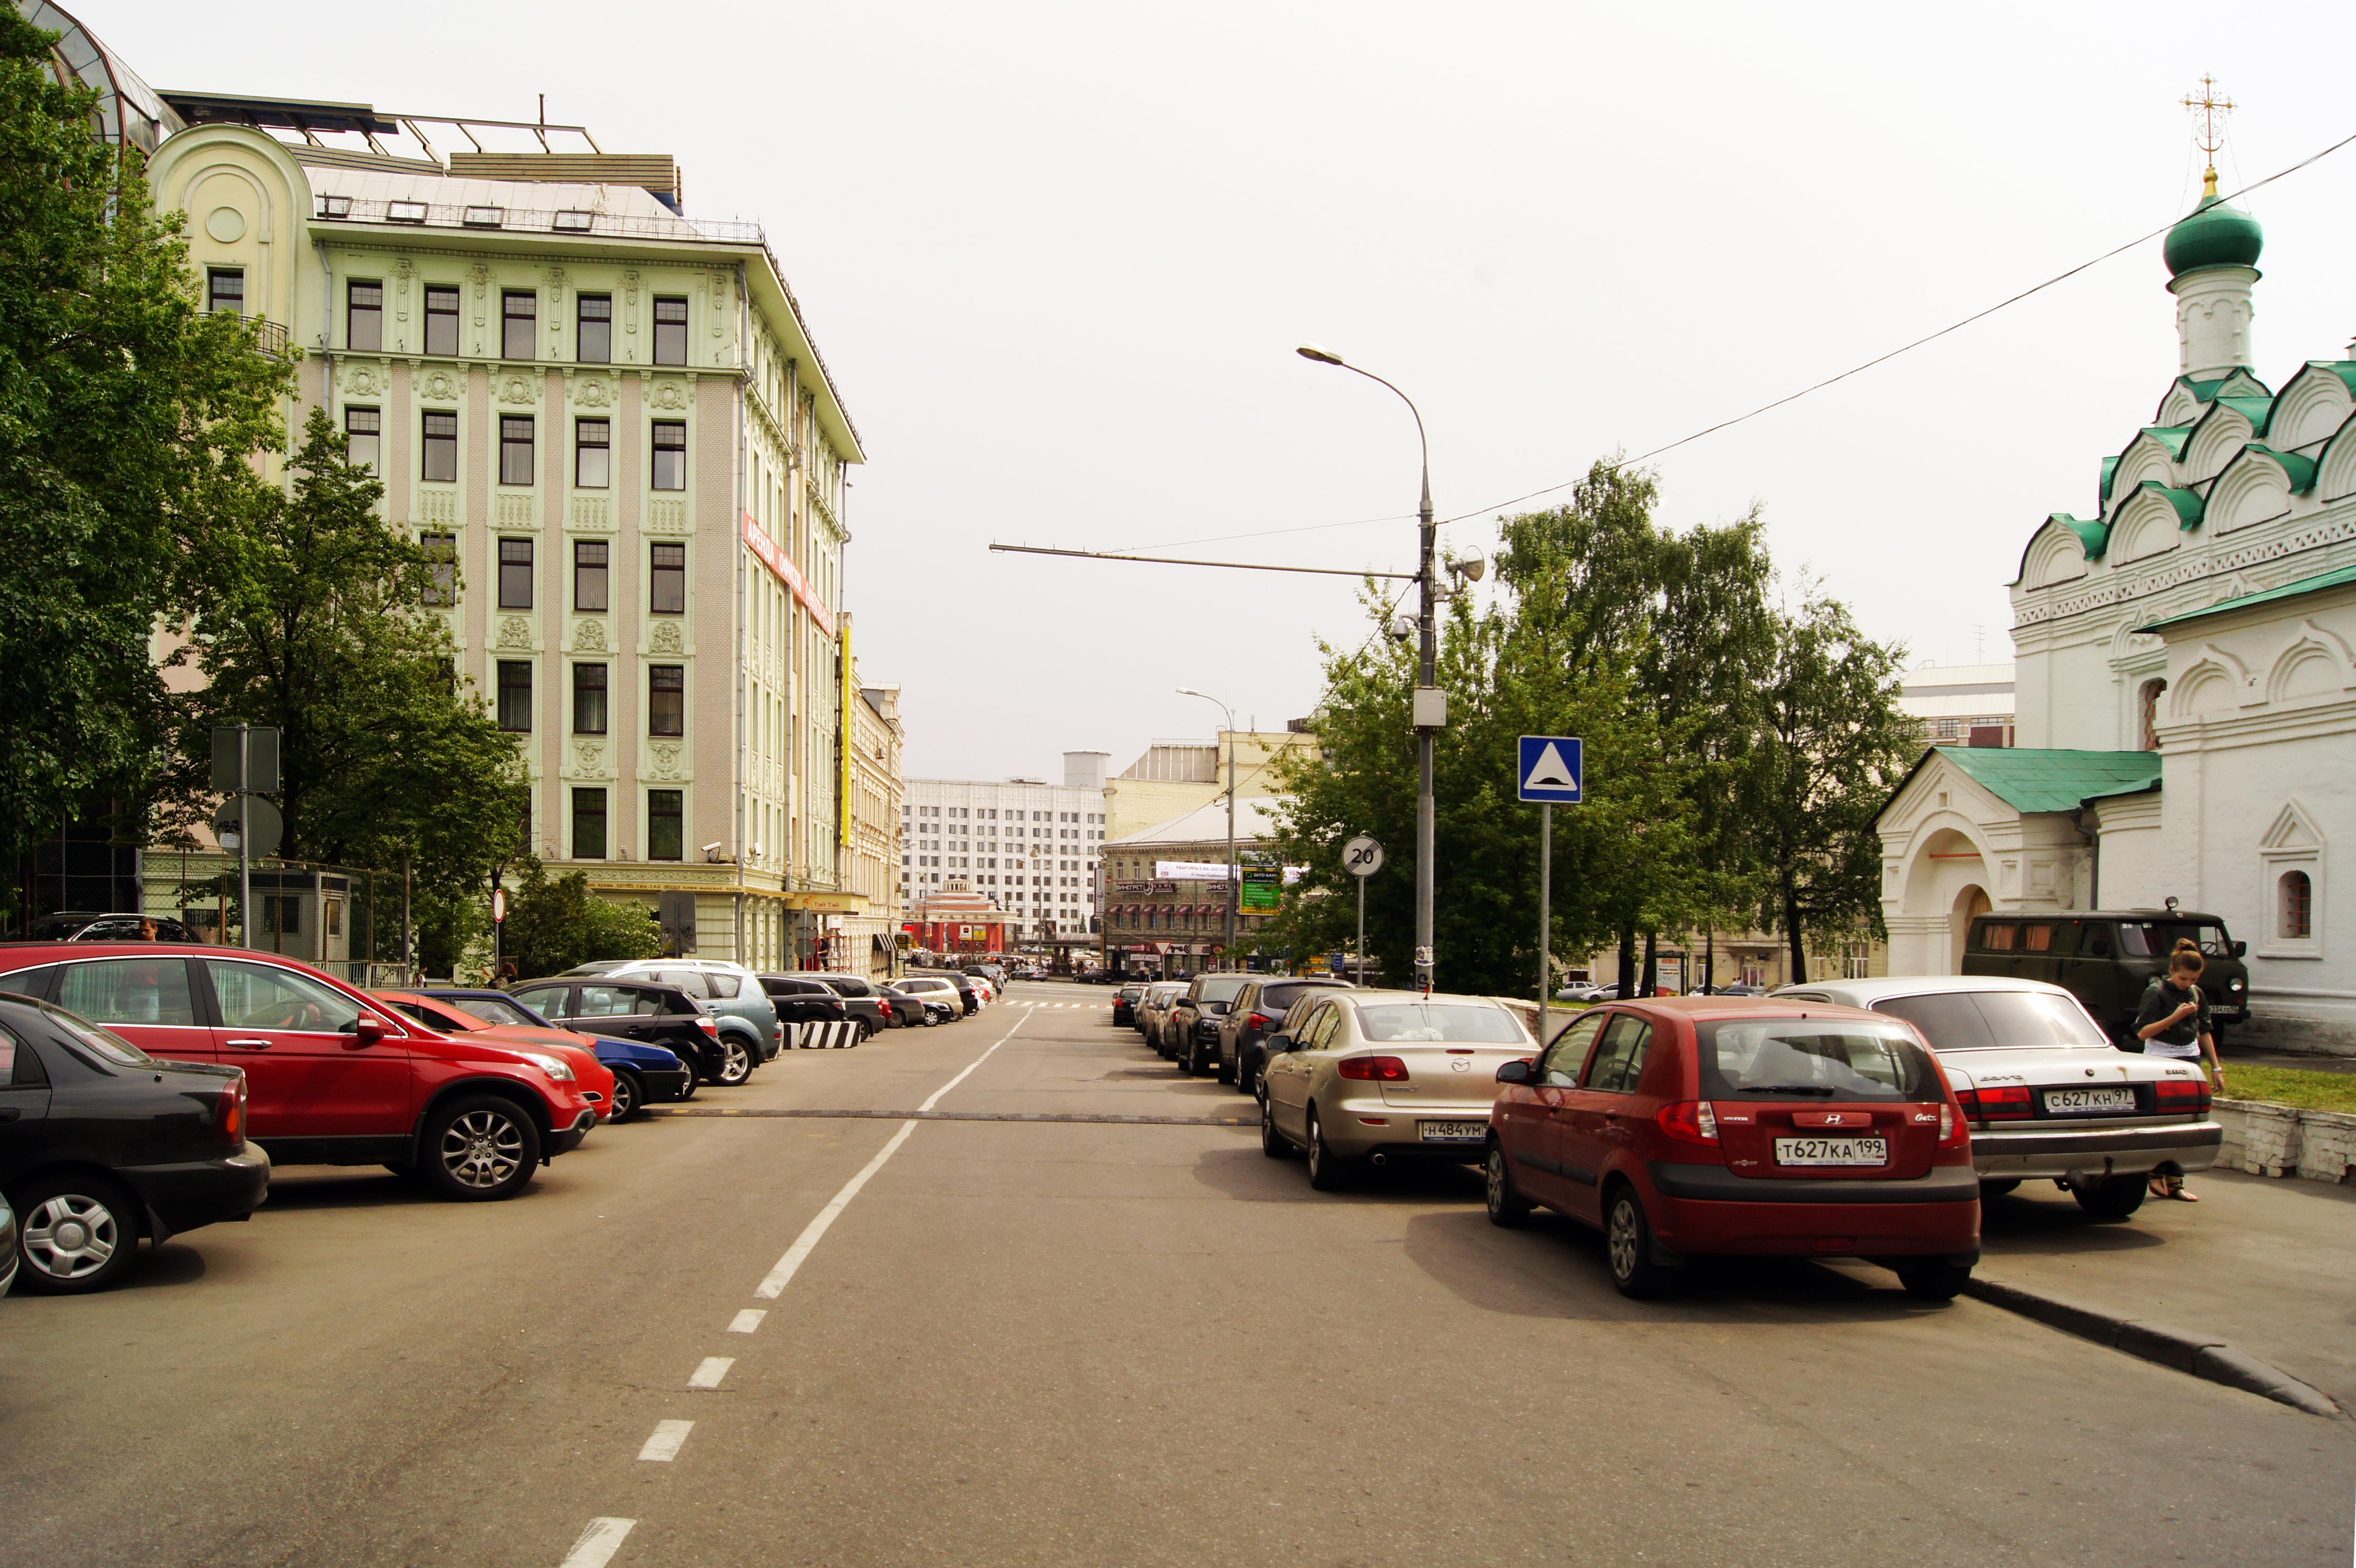 Иск наследников Лебедева улица zaschita.name бесплатная консультация юриста